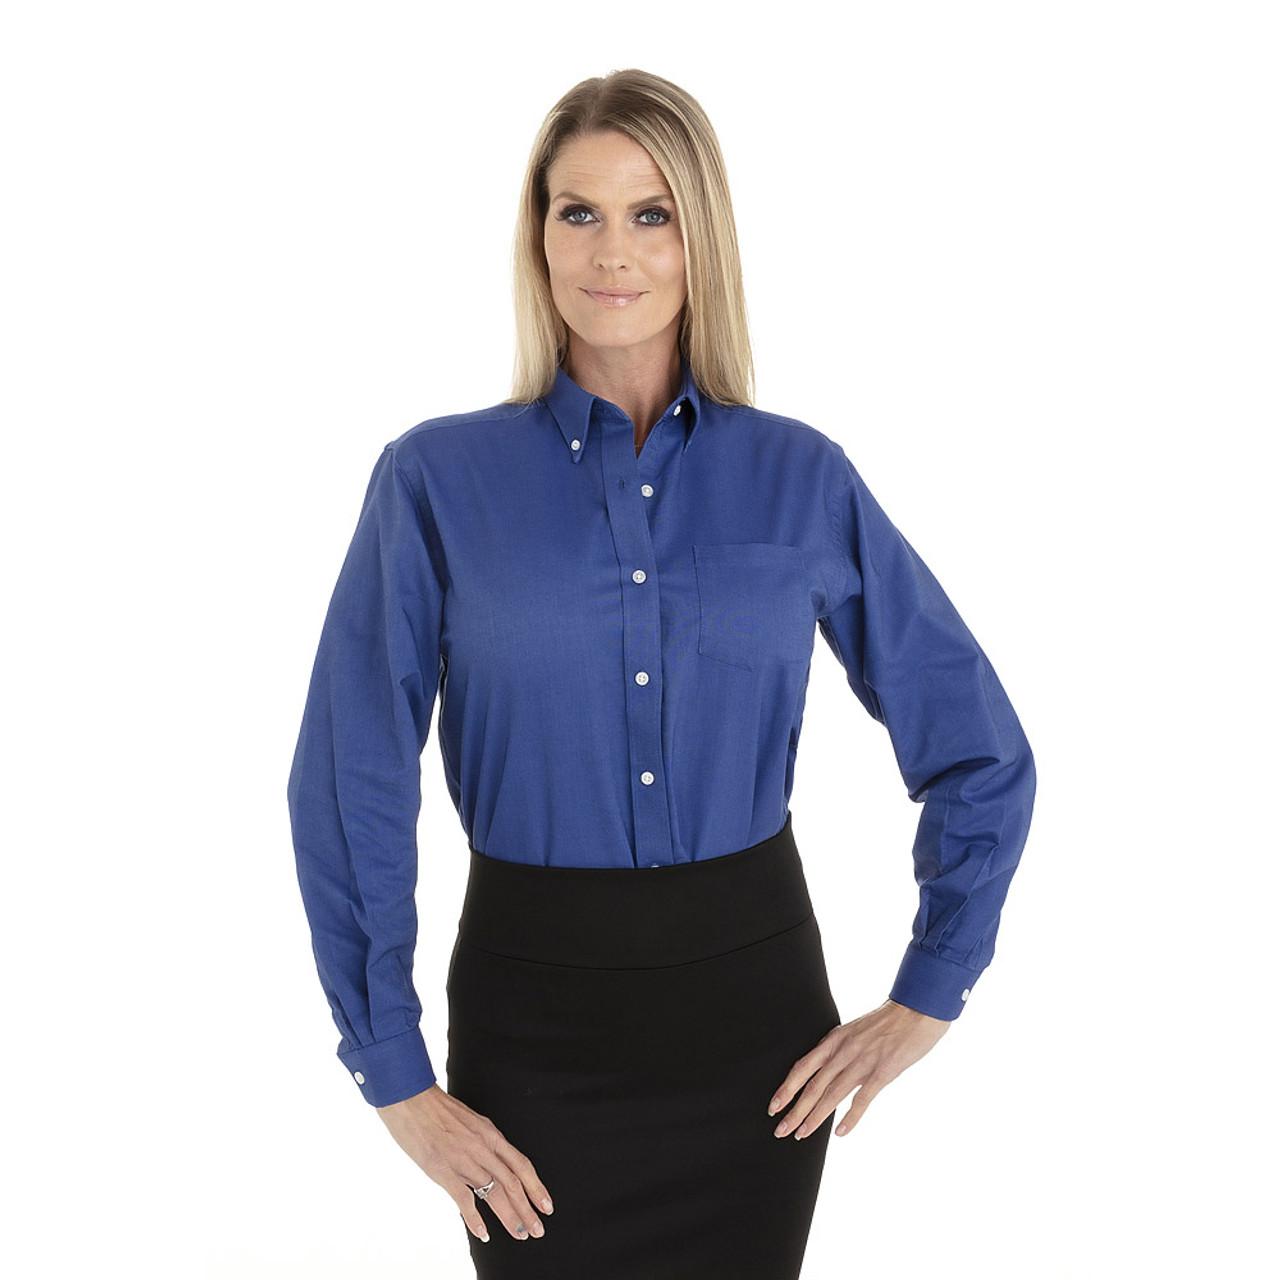 French Blue - 18CV300 Van Heusen Ladies' Long Sleeve Oxford Shirt | T-shirt.ca